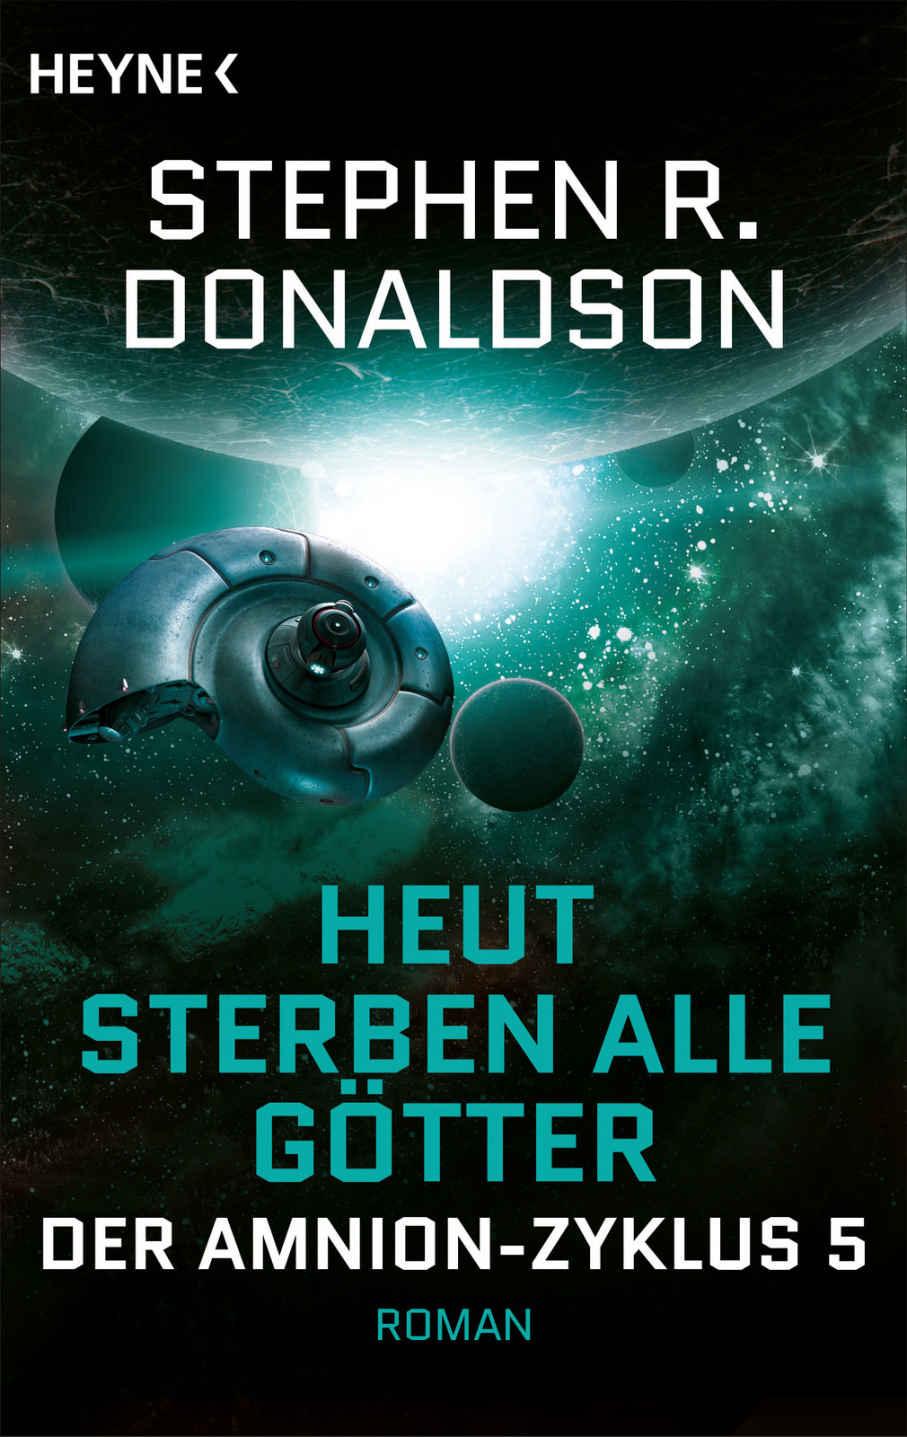 Stephen R. Donaldson - Der Schritt ins Verderben: Heut sterben alle Götter (Amnion-Zyklus 5)